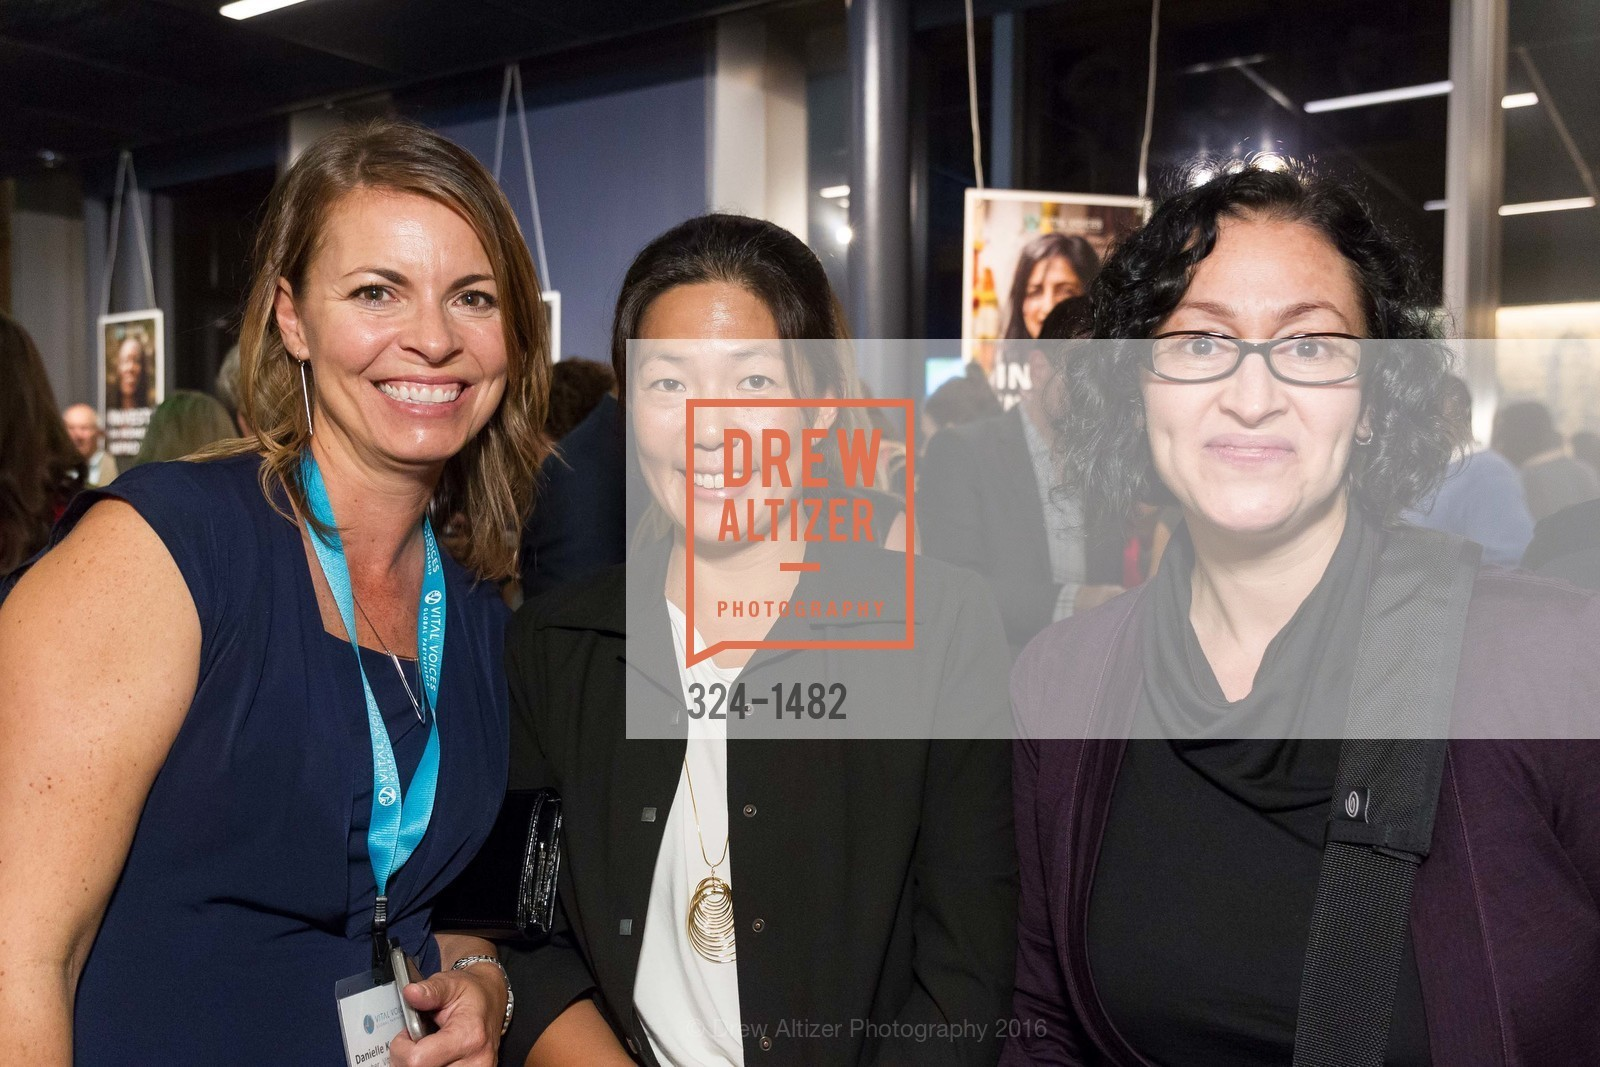 Danielle Kraaijvanger, Jane Pak, Lena Lenberg, Photo #324-1482